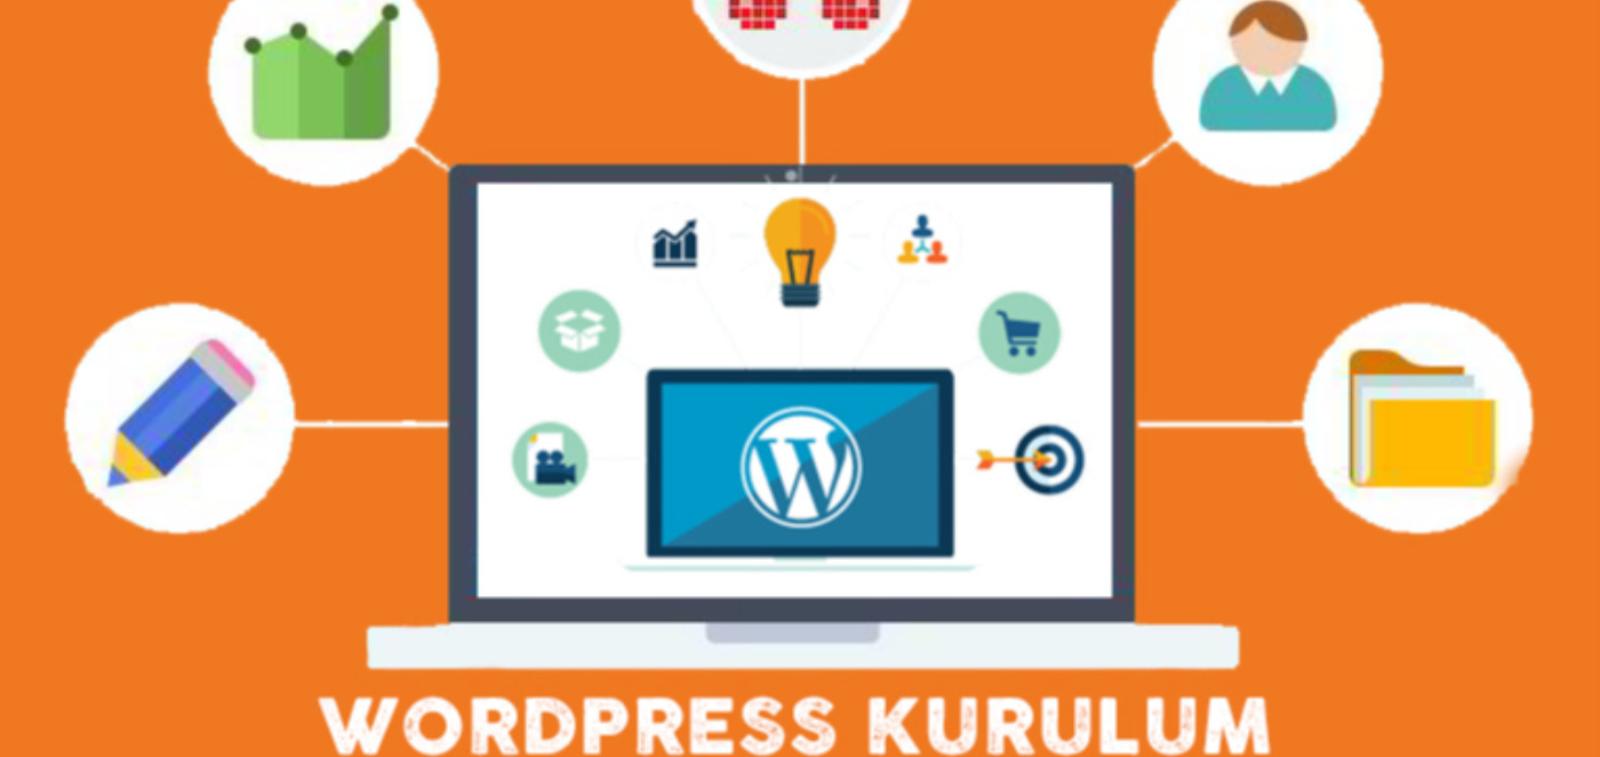 WordPress ile güçlü ve esnek web sitenizi kurabilirim